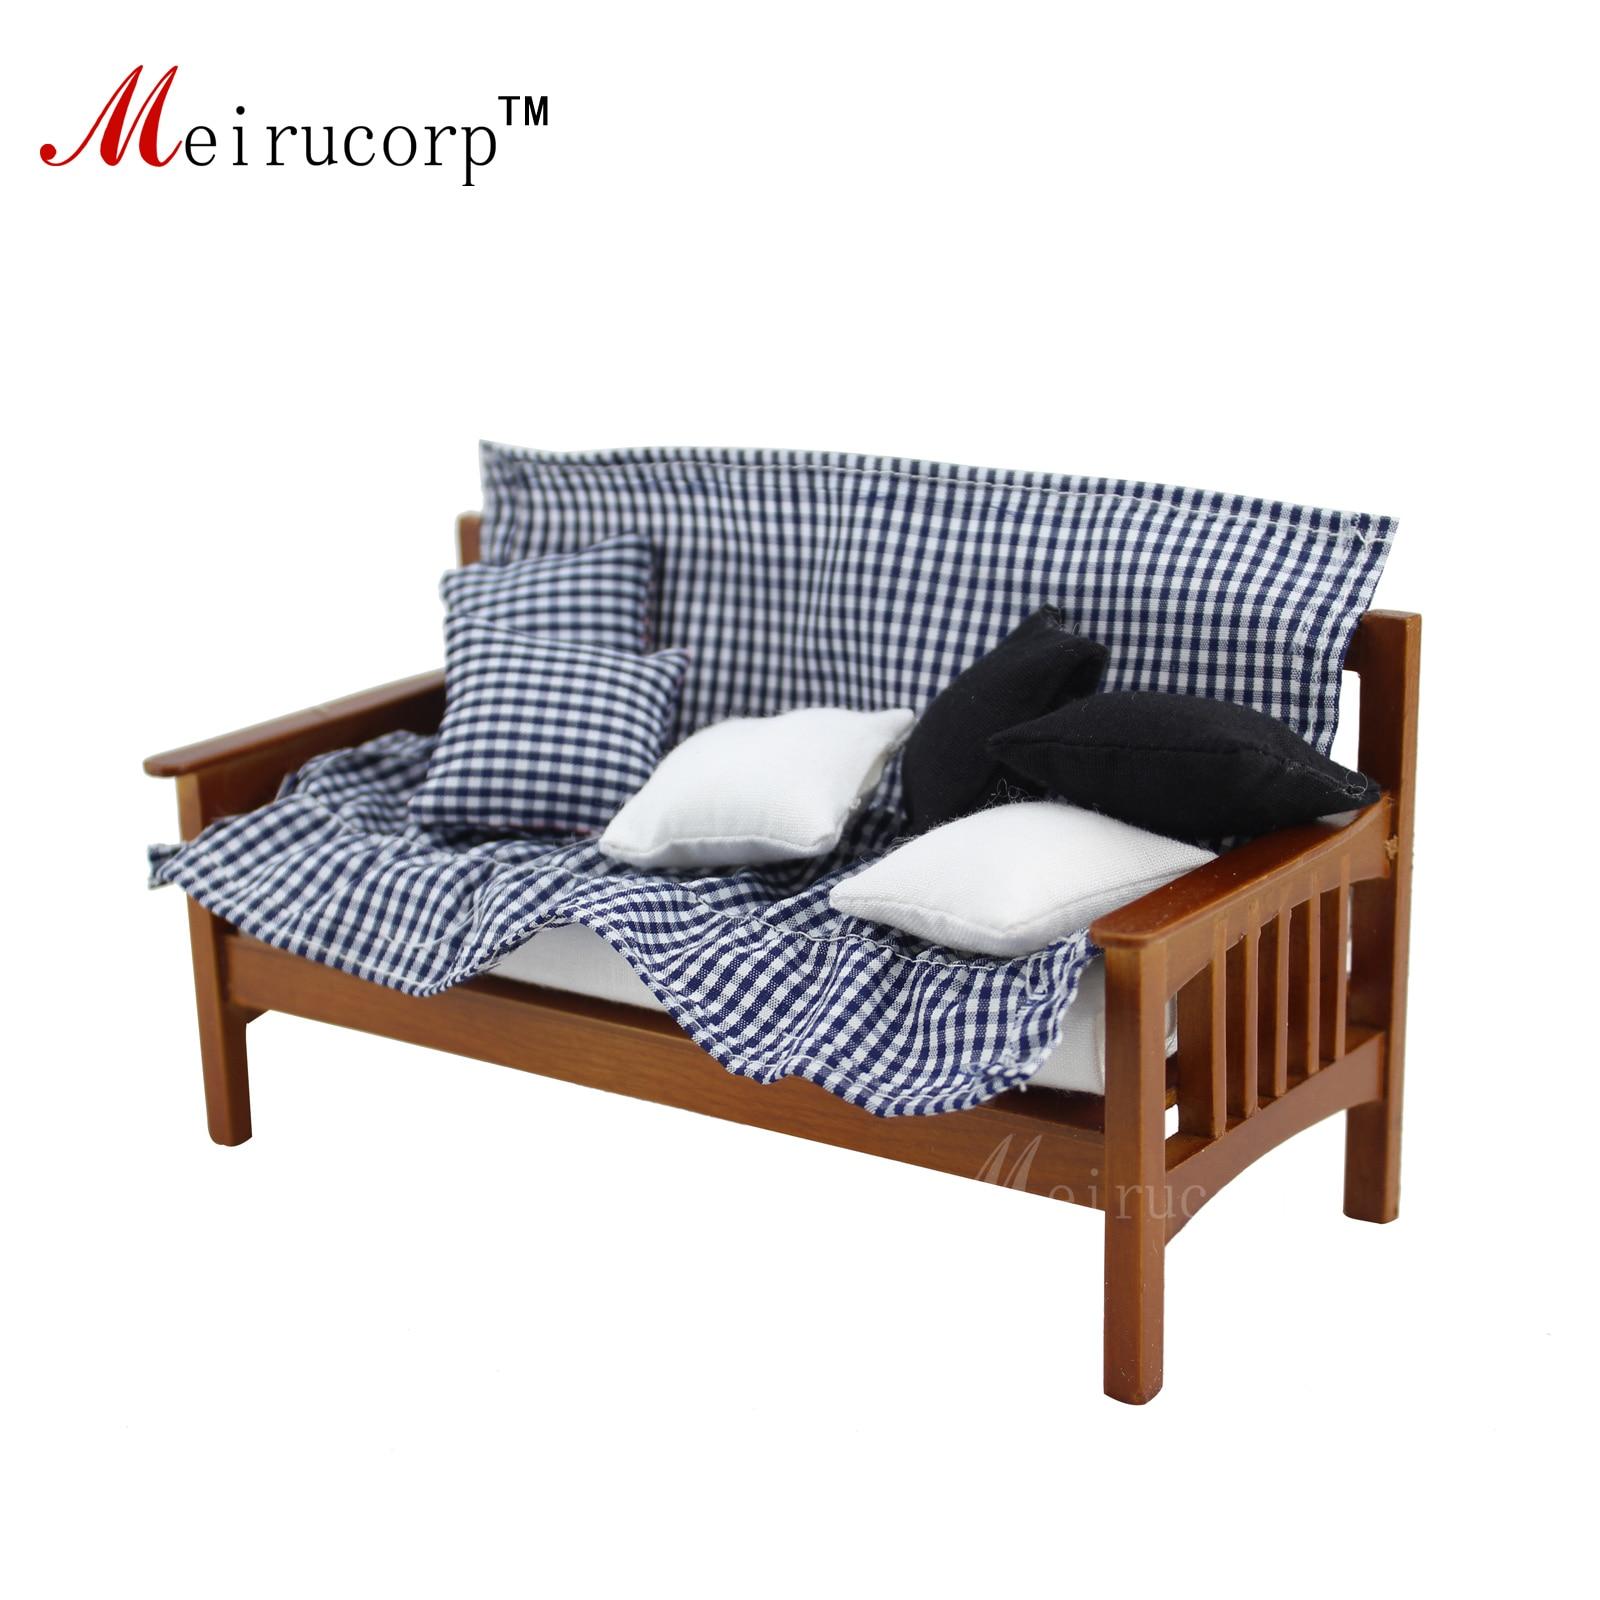 Domeček pro panenky 1:12 Miniaturní nábytek Ruční montáž dřevo Tři sedadla